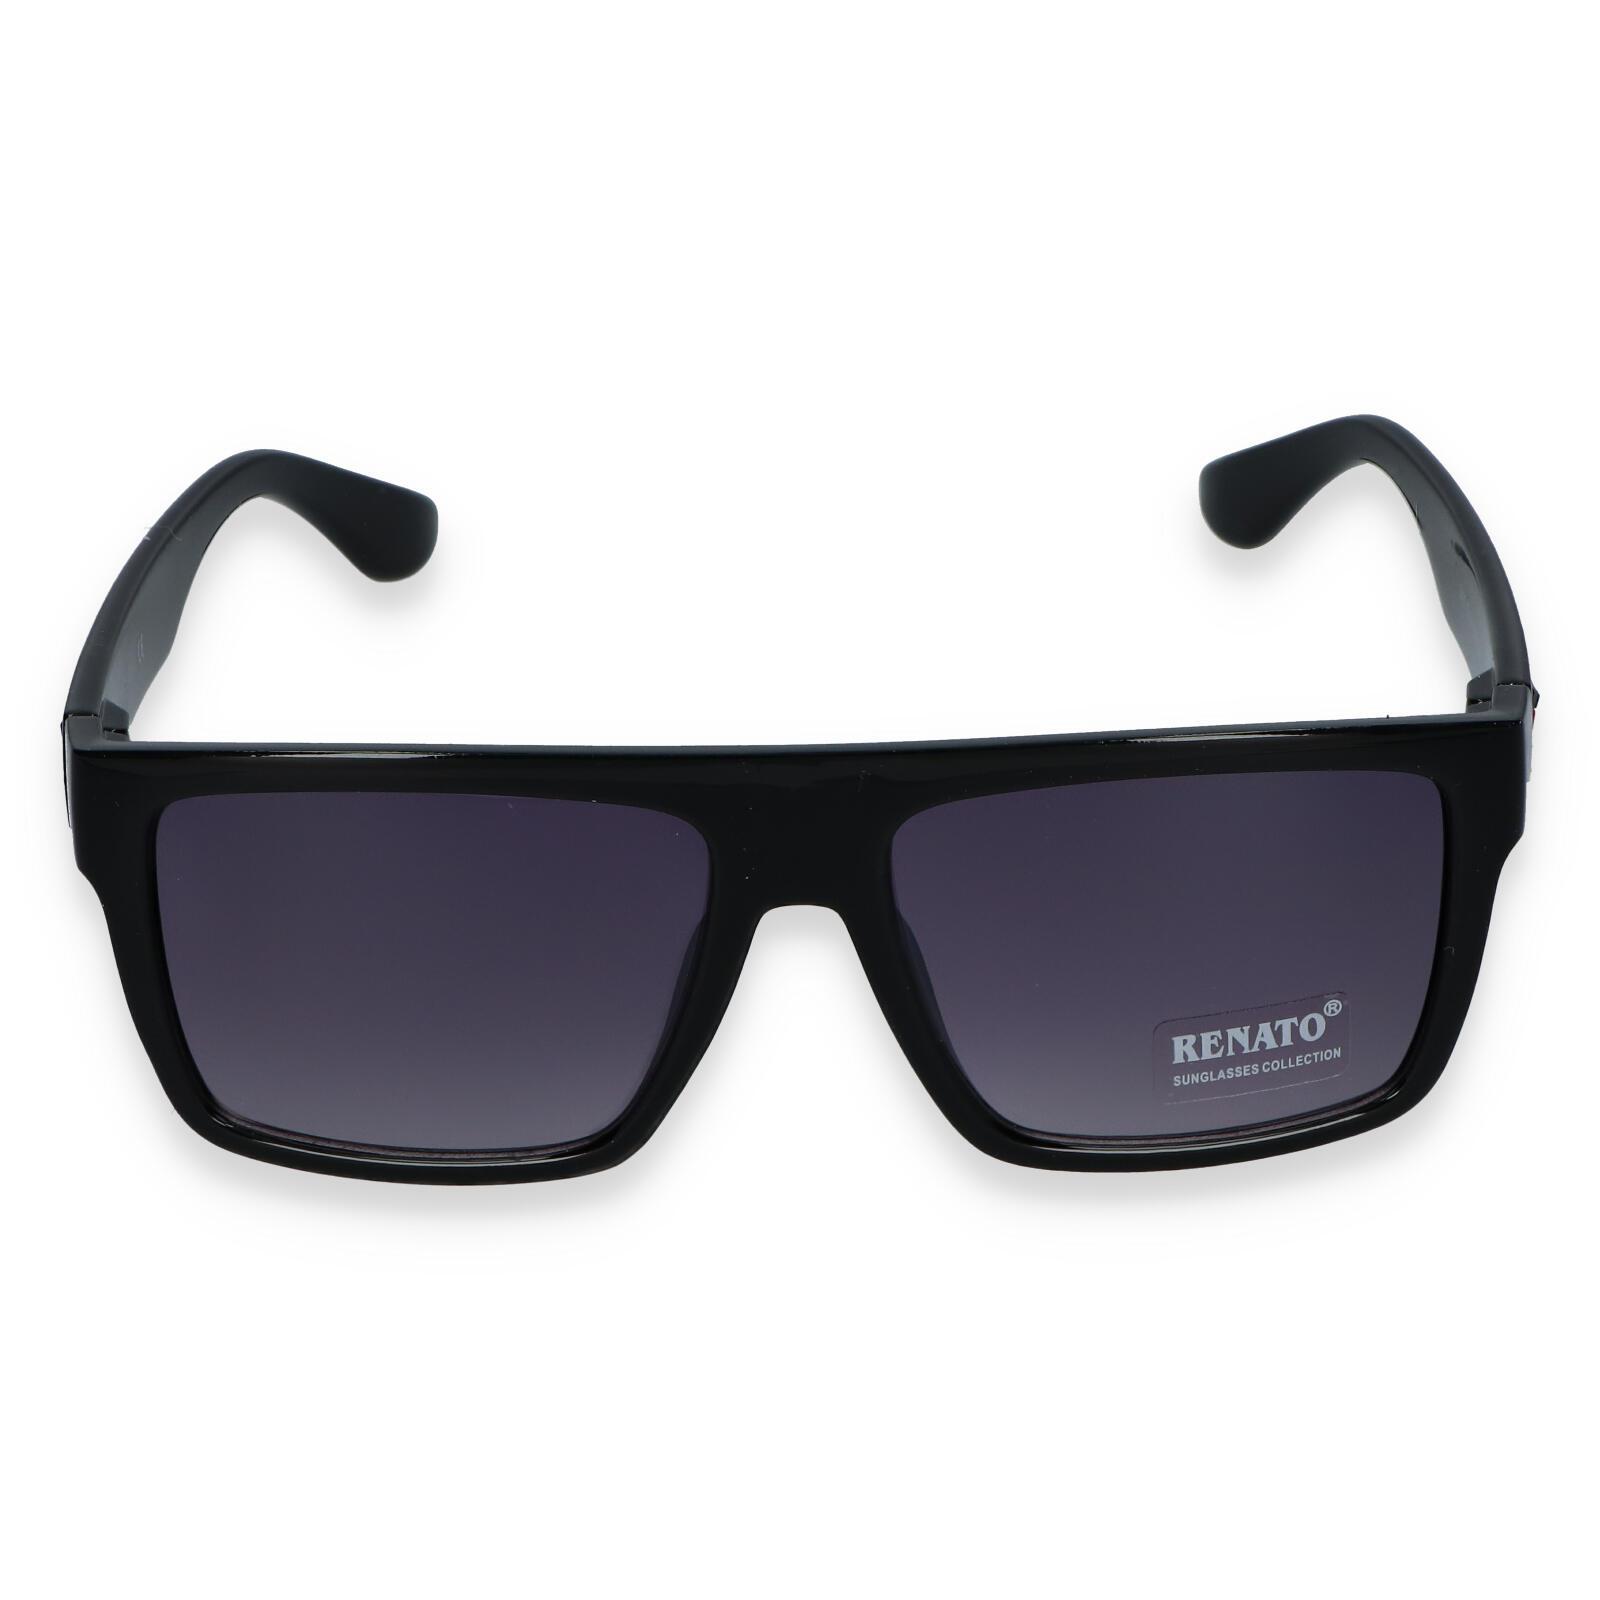 Dámské sluneční brýle černé - R0542 černá